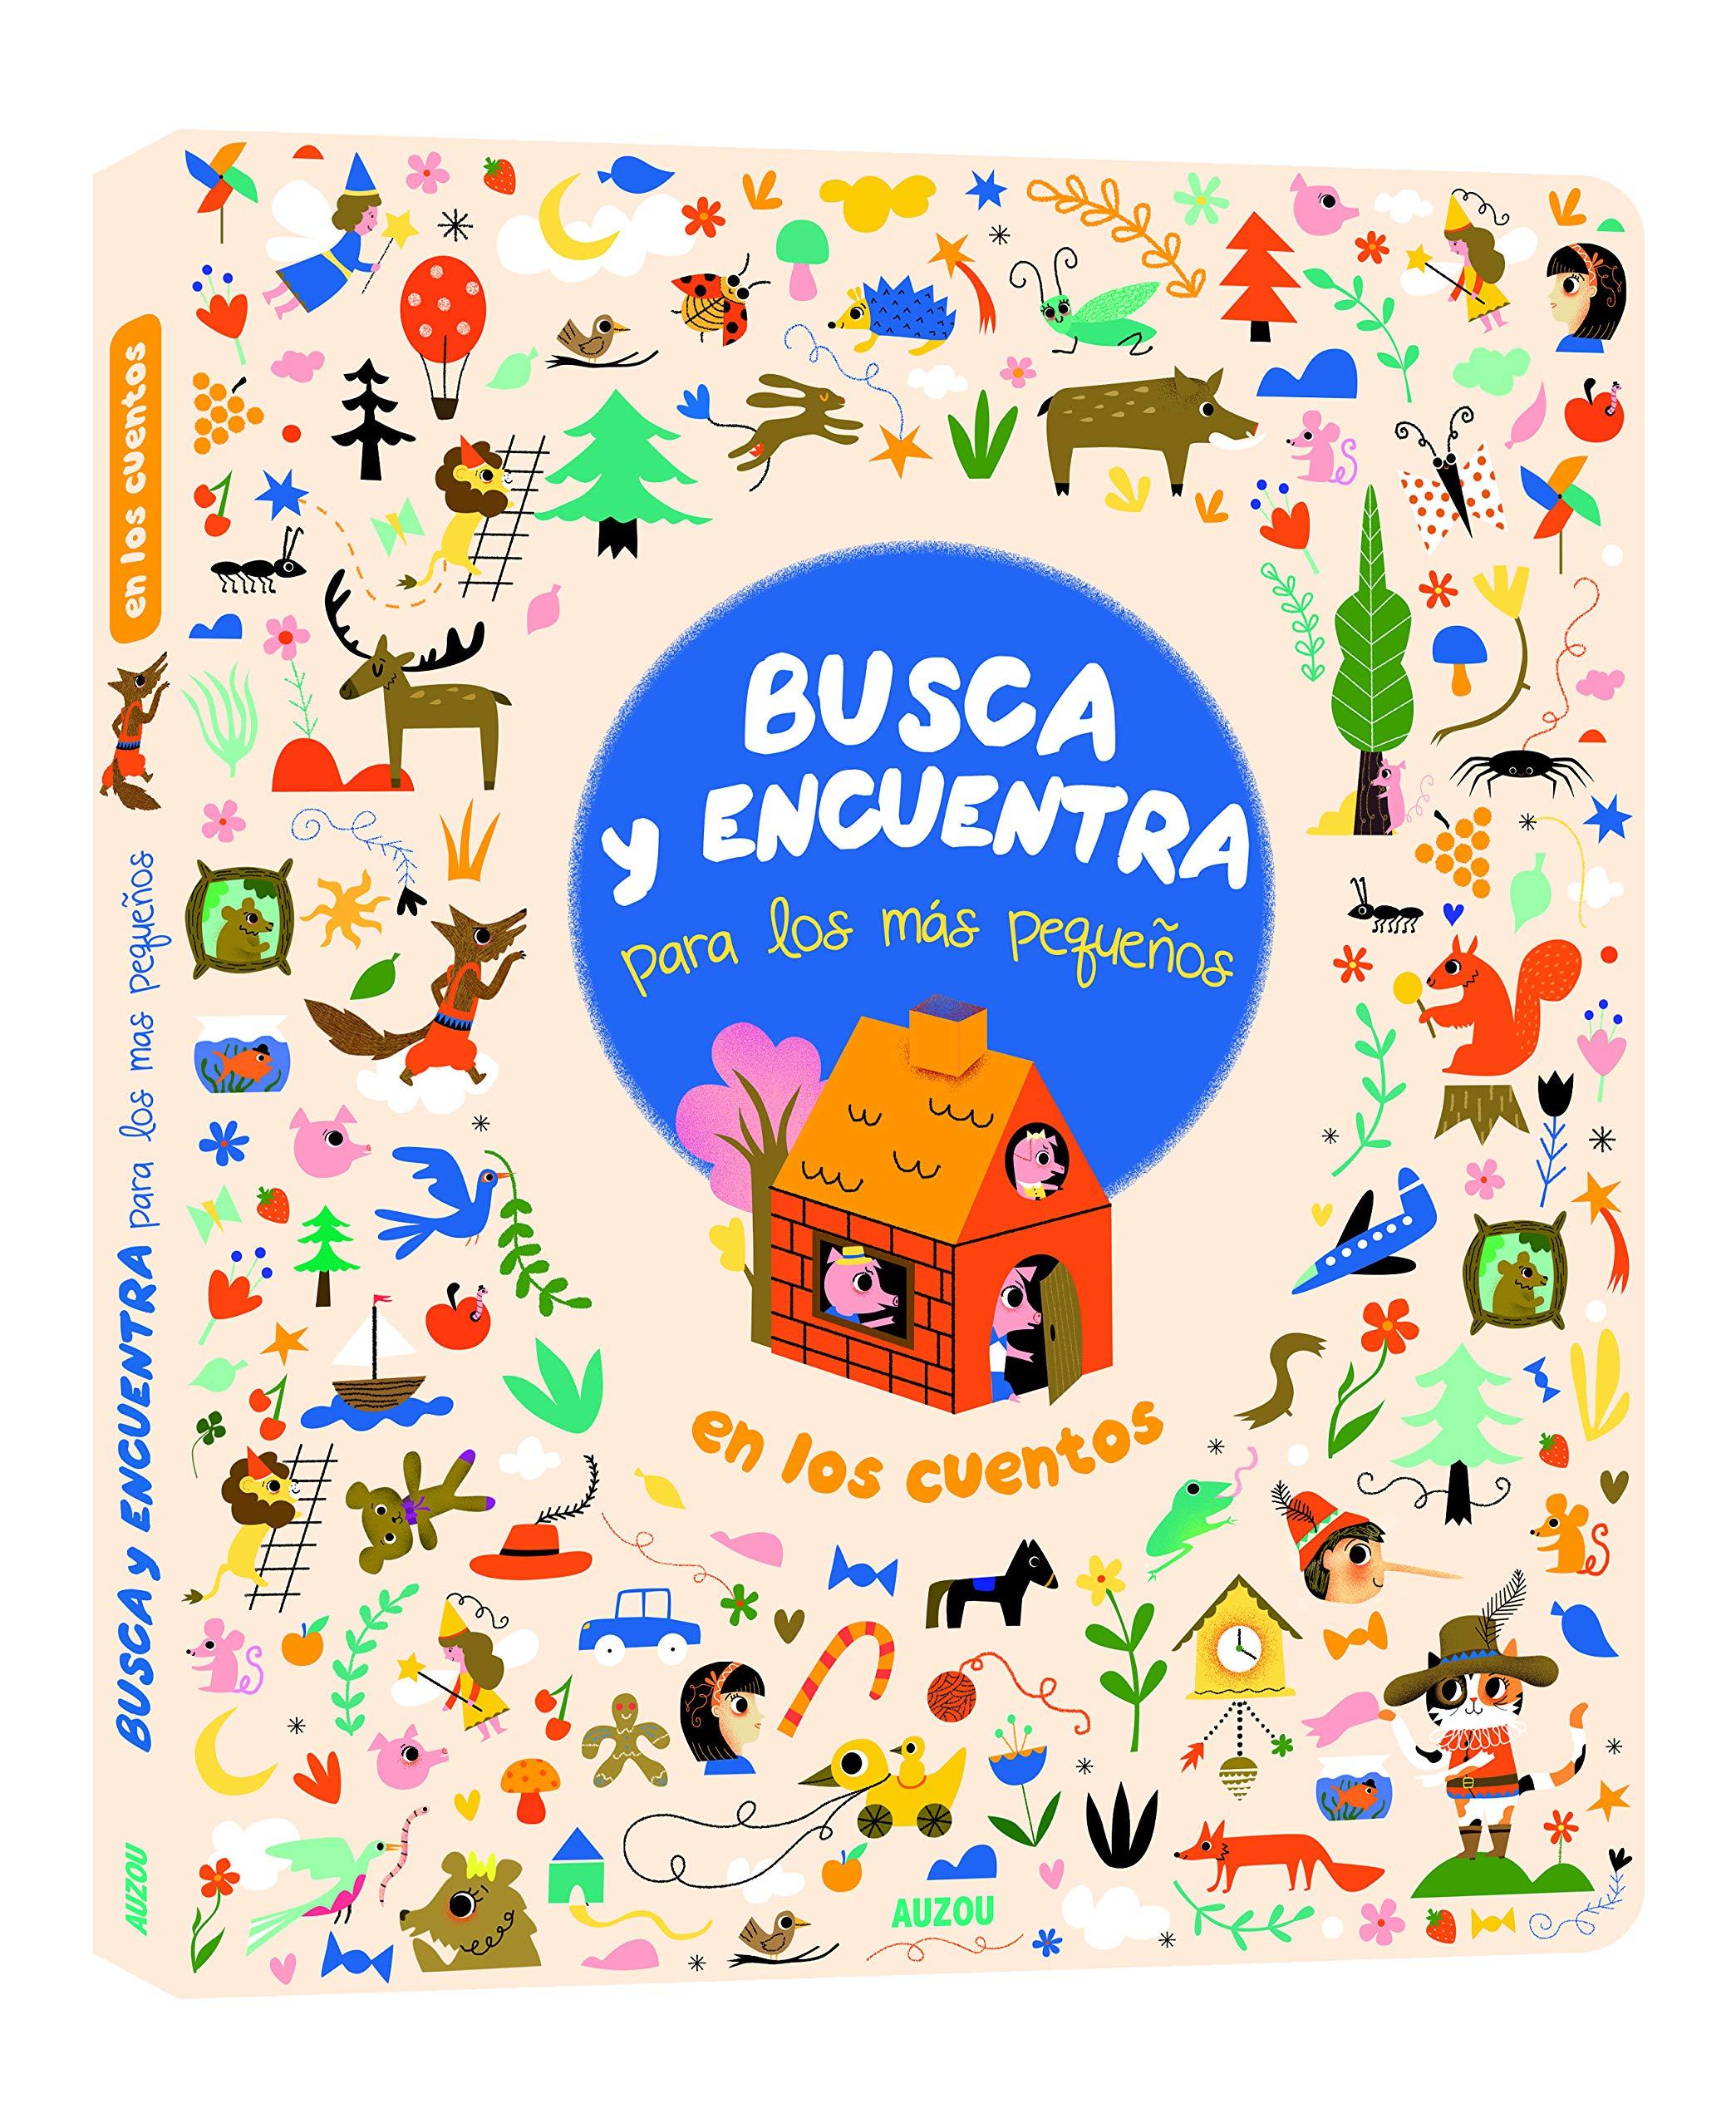 Busca Y Encuentra Para Los Más Pequeños En Los Cuentos Amazon Es Andreacchio Sarah Andreacchio Sarah Libros